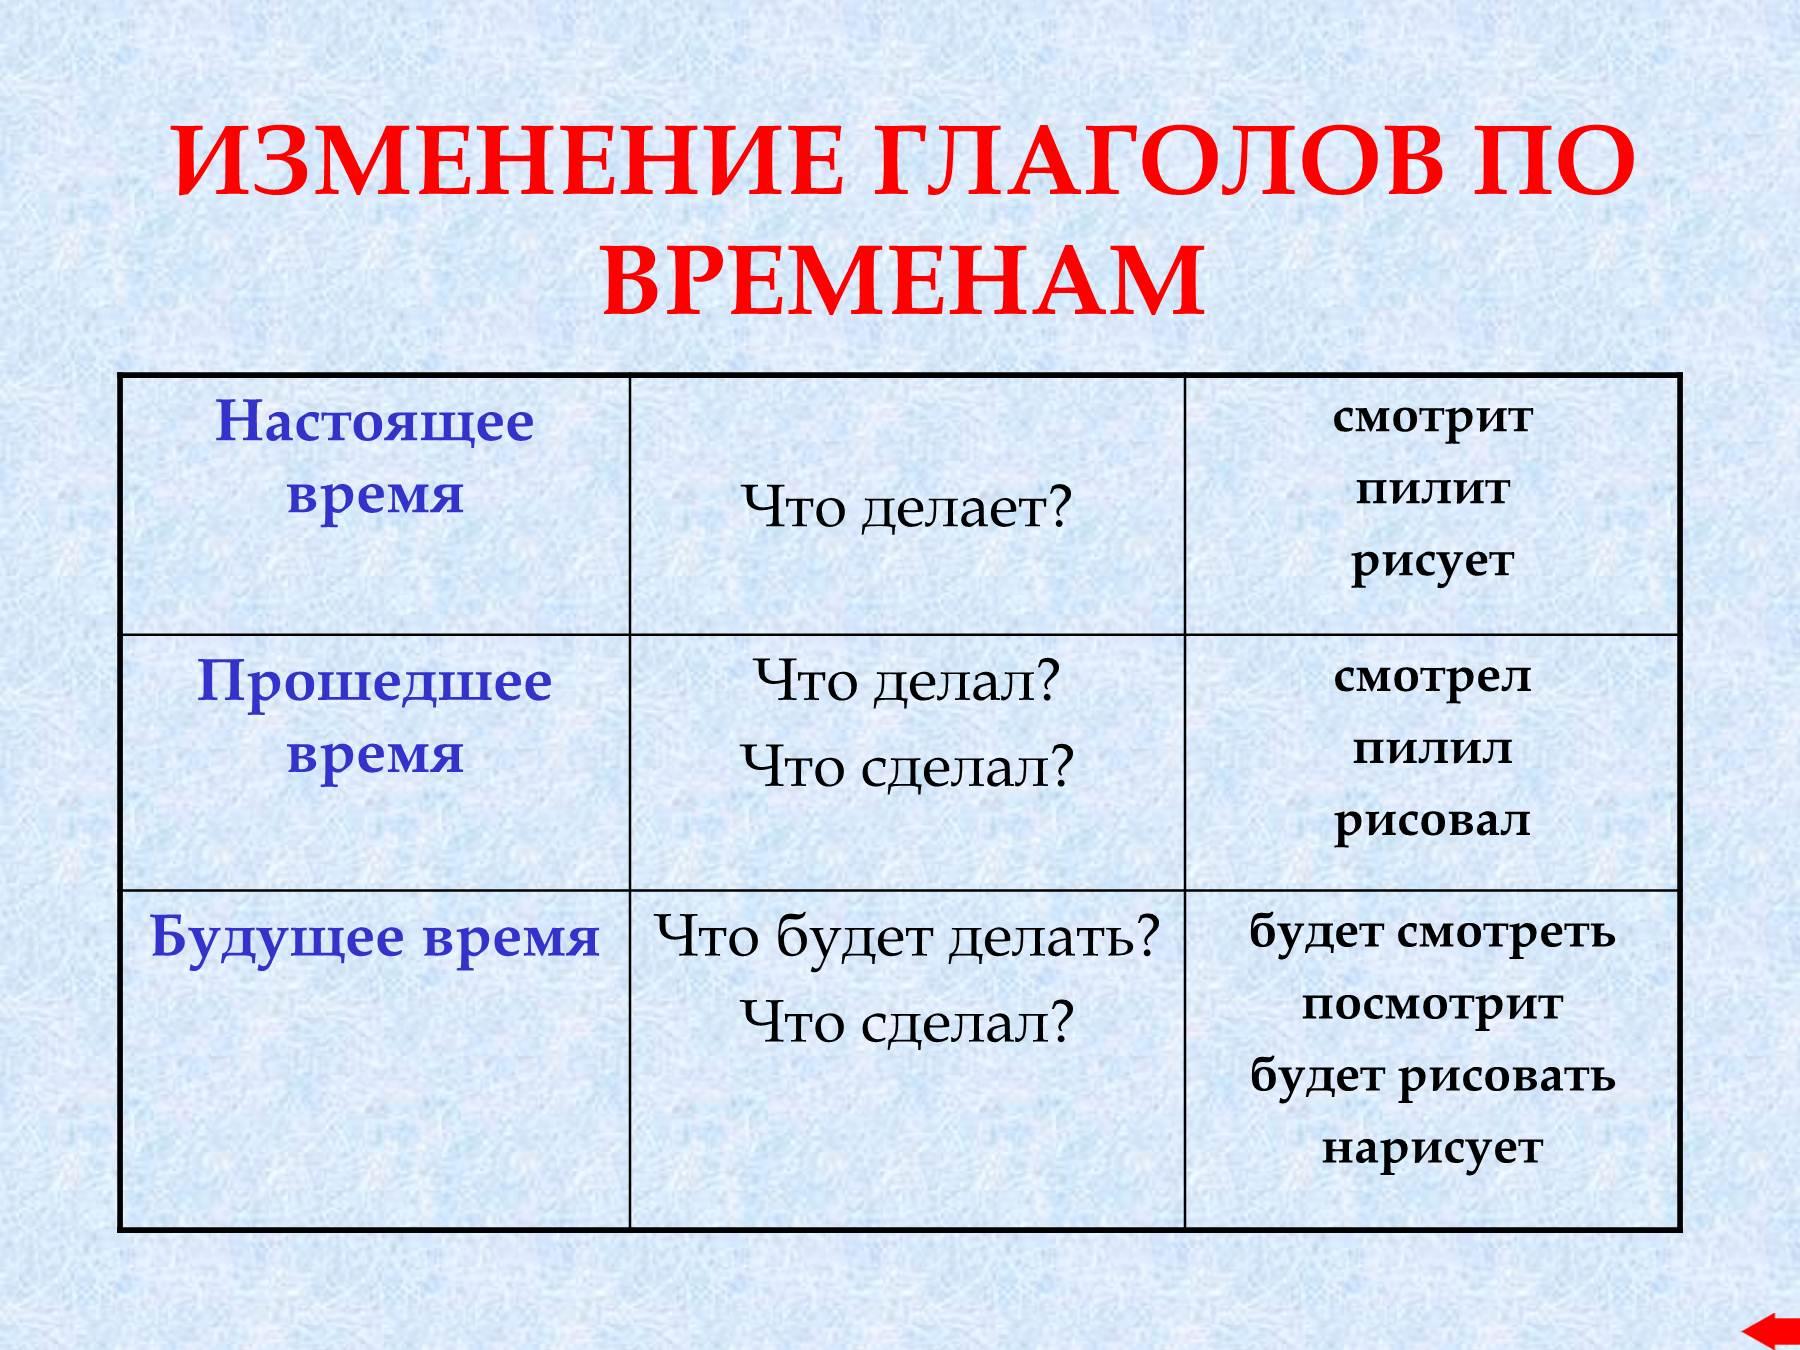 Почему глаголы названы исключениями